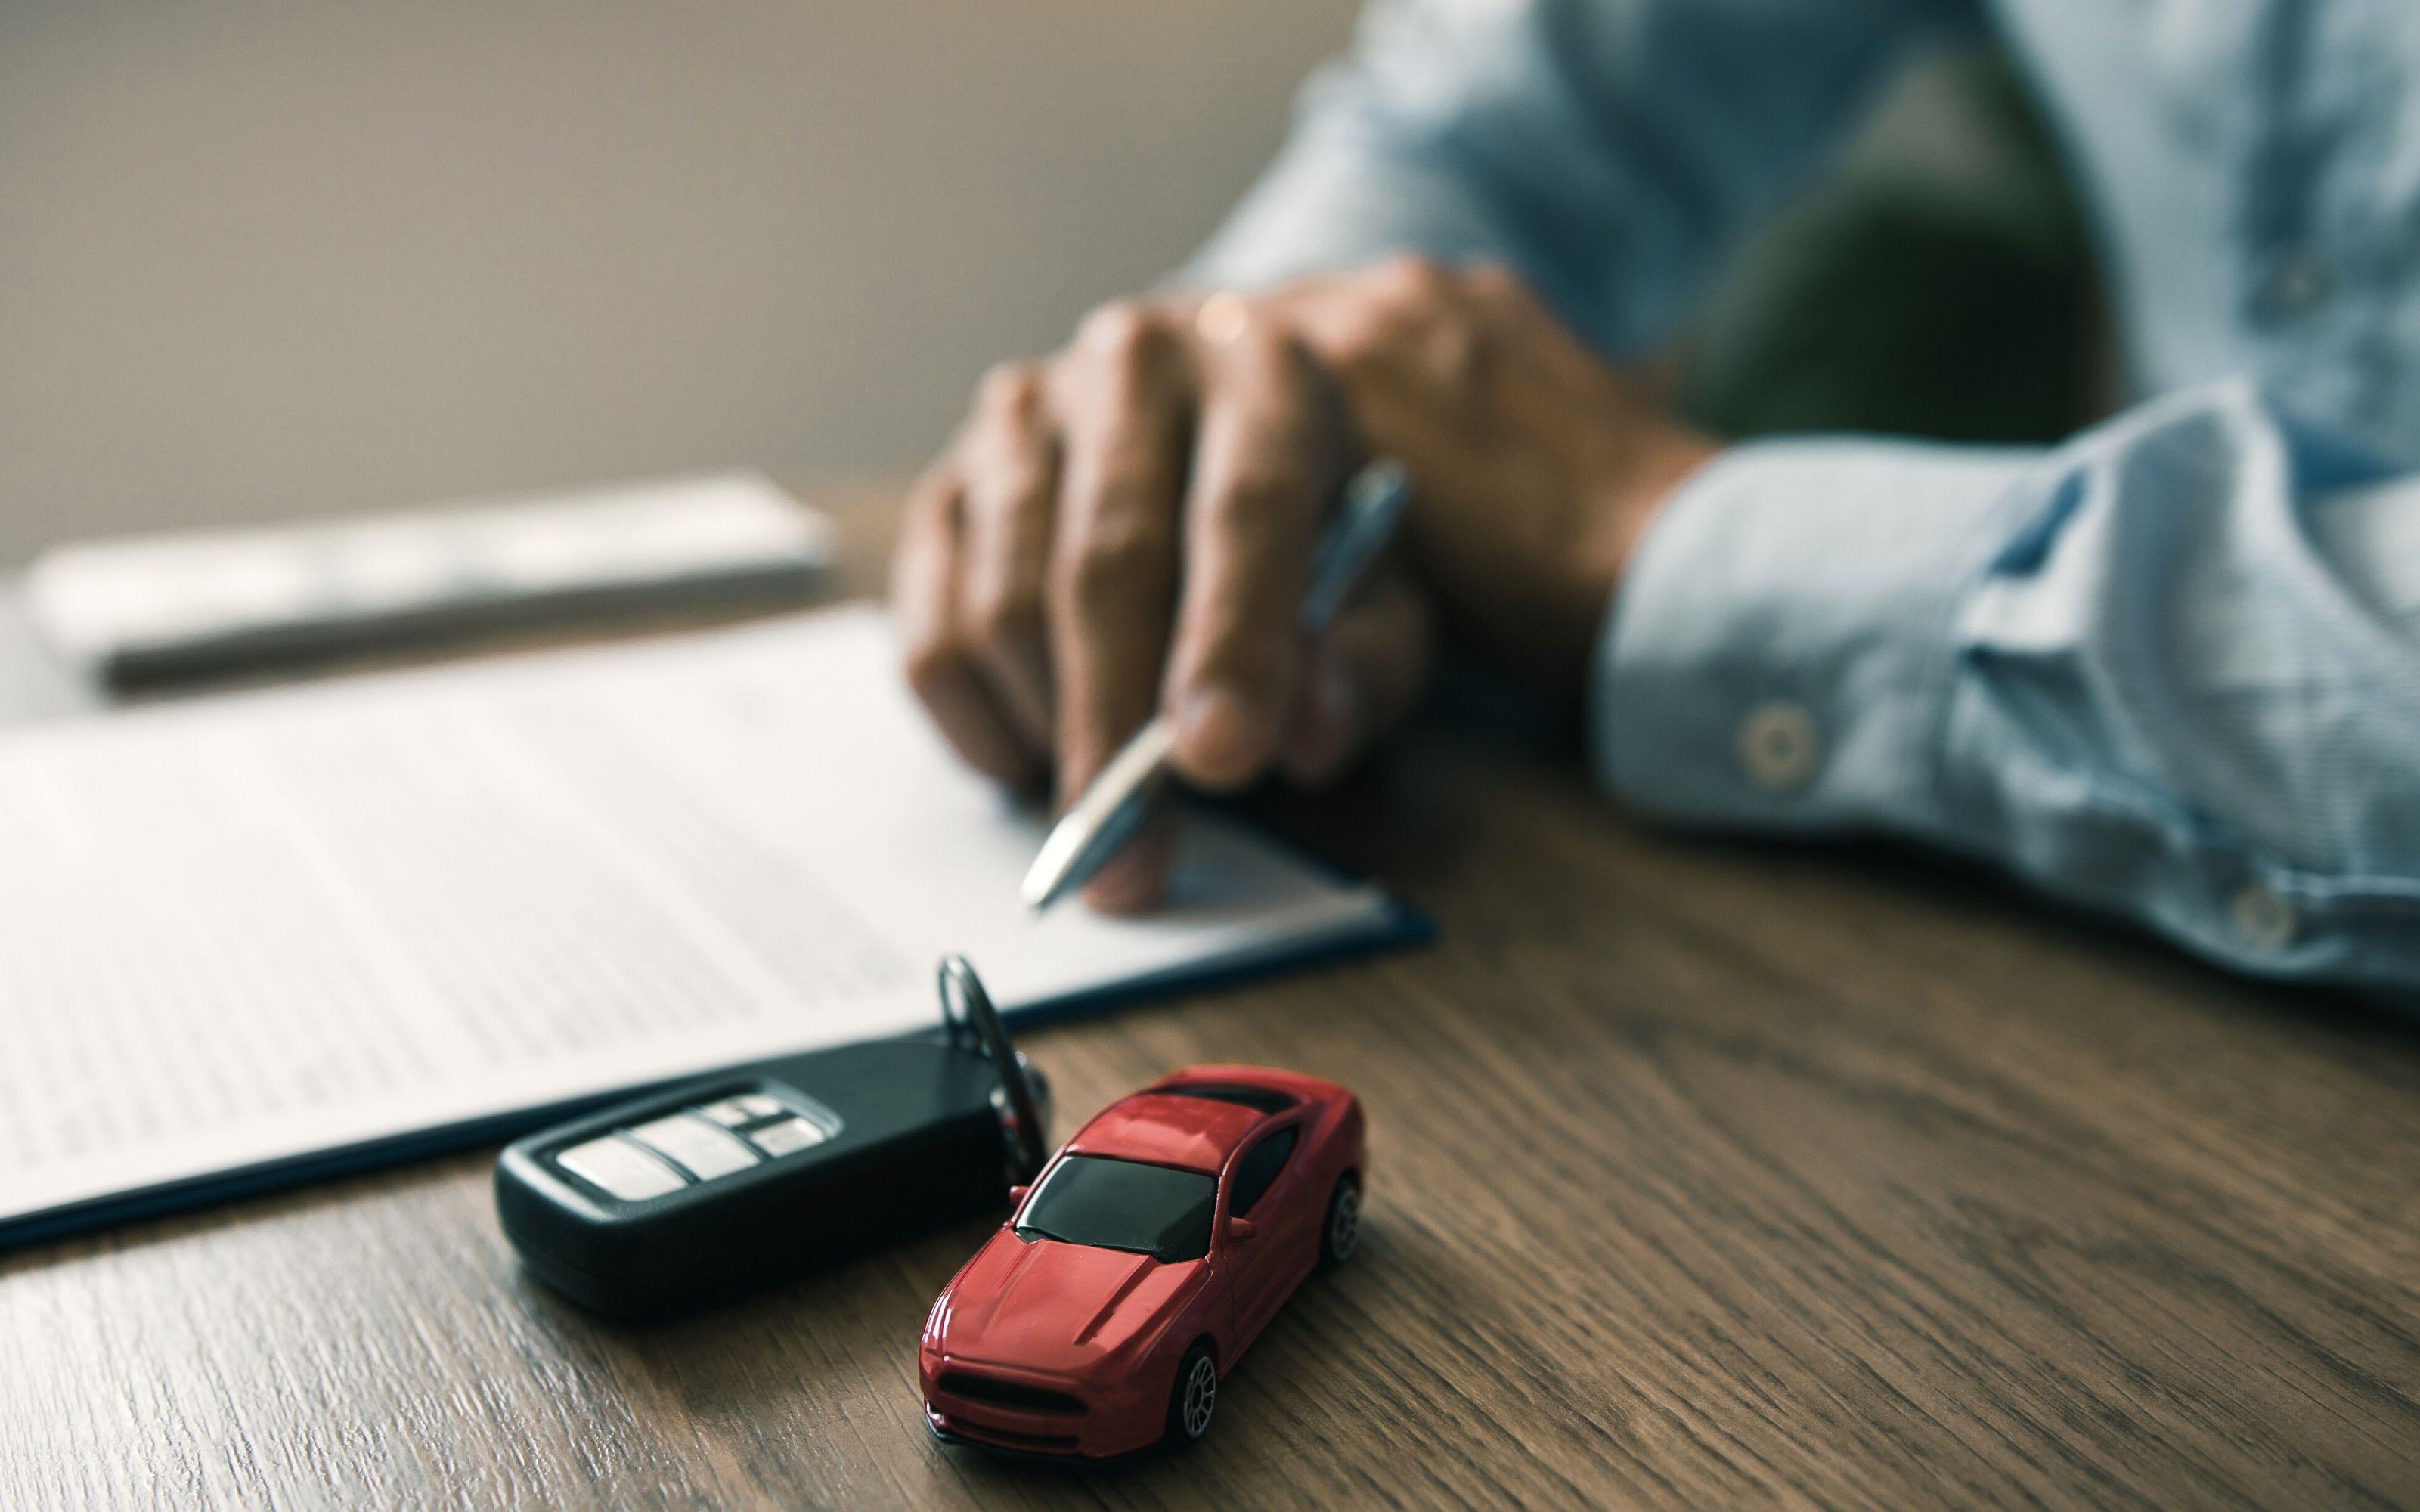 Déclaration d'achat de véhicule